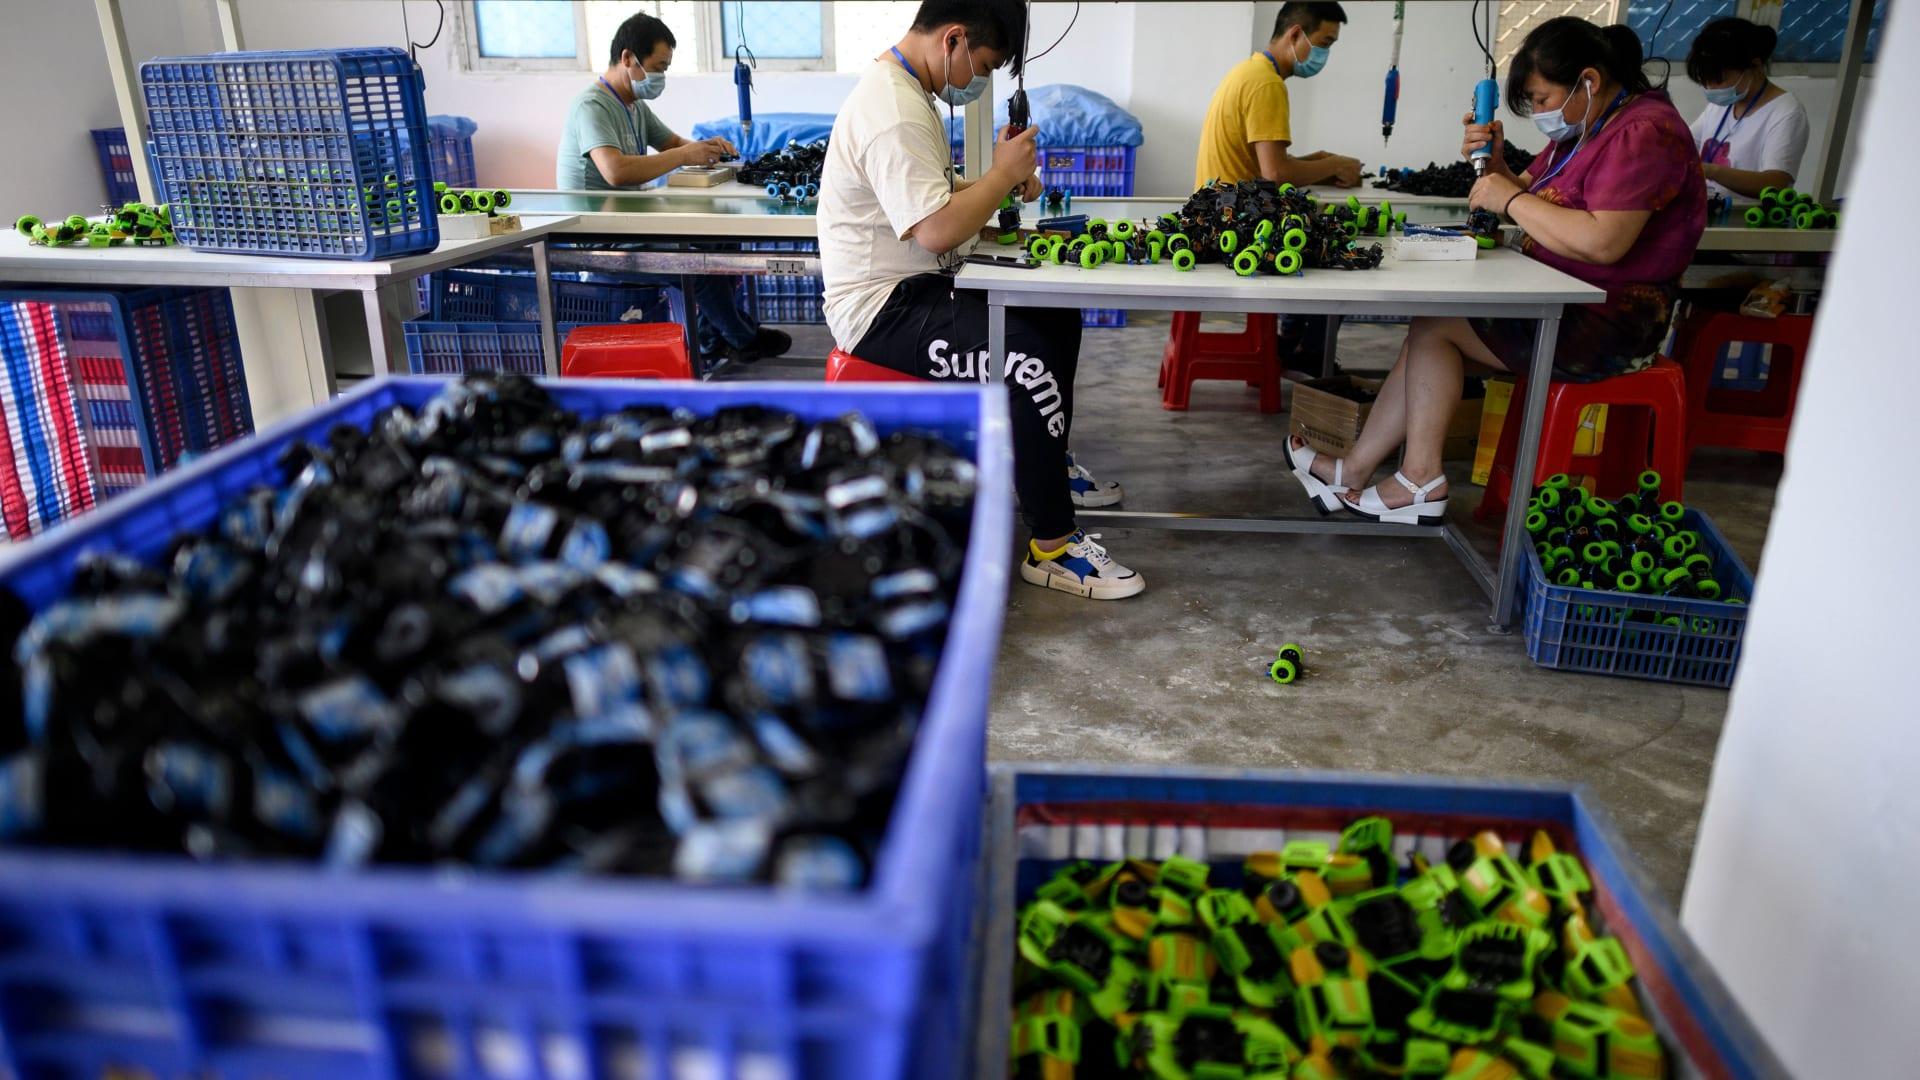 كيف تأثر قطاع التجزئة في دبي بجائحة كورونا؟